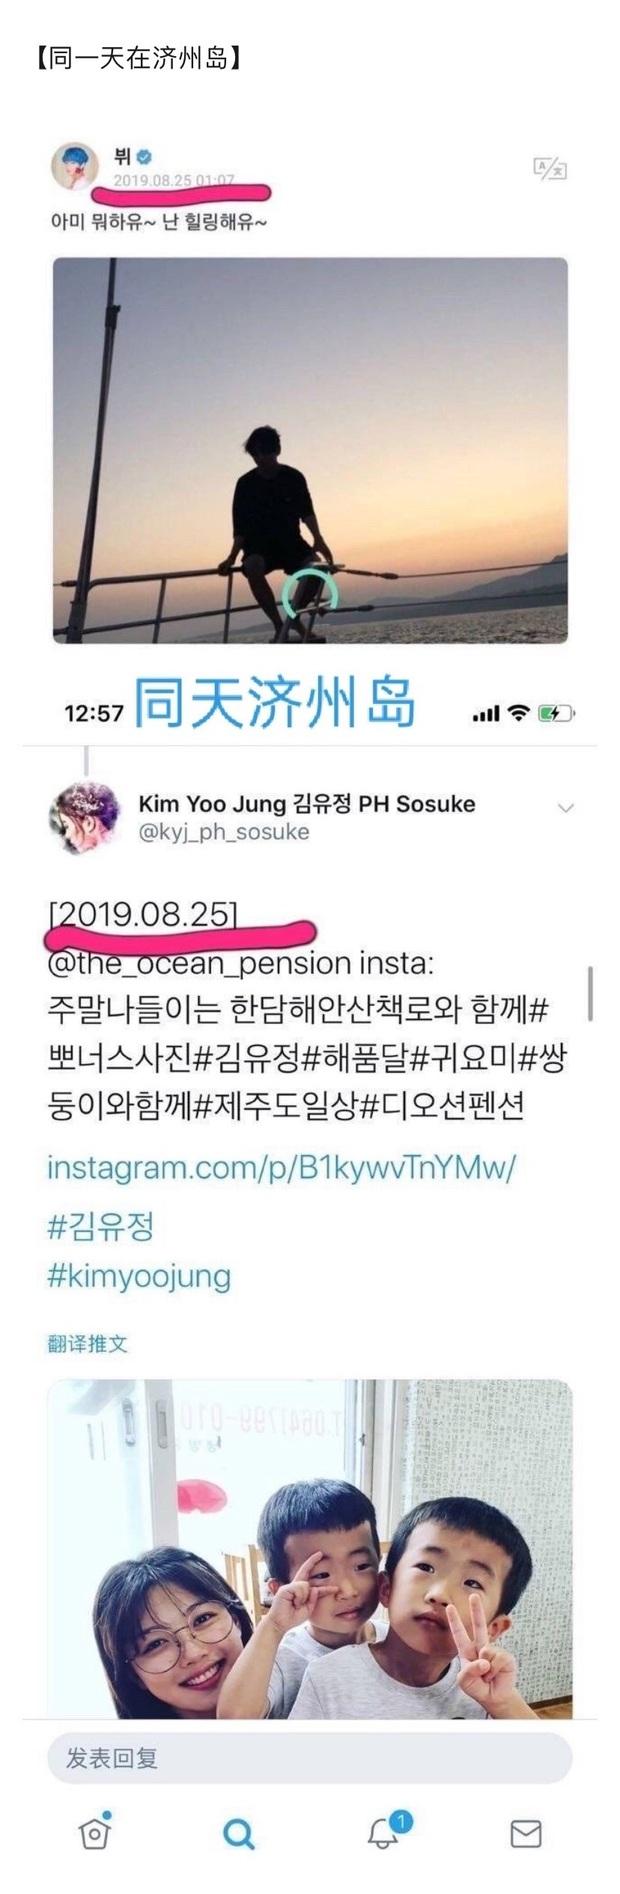 Cnet soi được 1001 bằng chứng V (BTS) hẹn hò sao nhí quốc dân Kim Yoo Jung rõ như ban ngày, còn ở cùng khách sạn? - Ảnh 13.